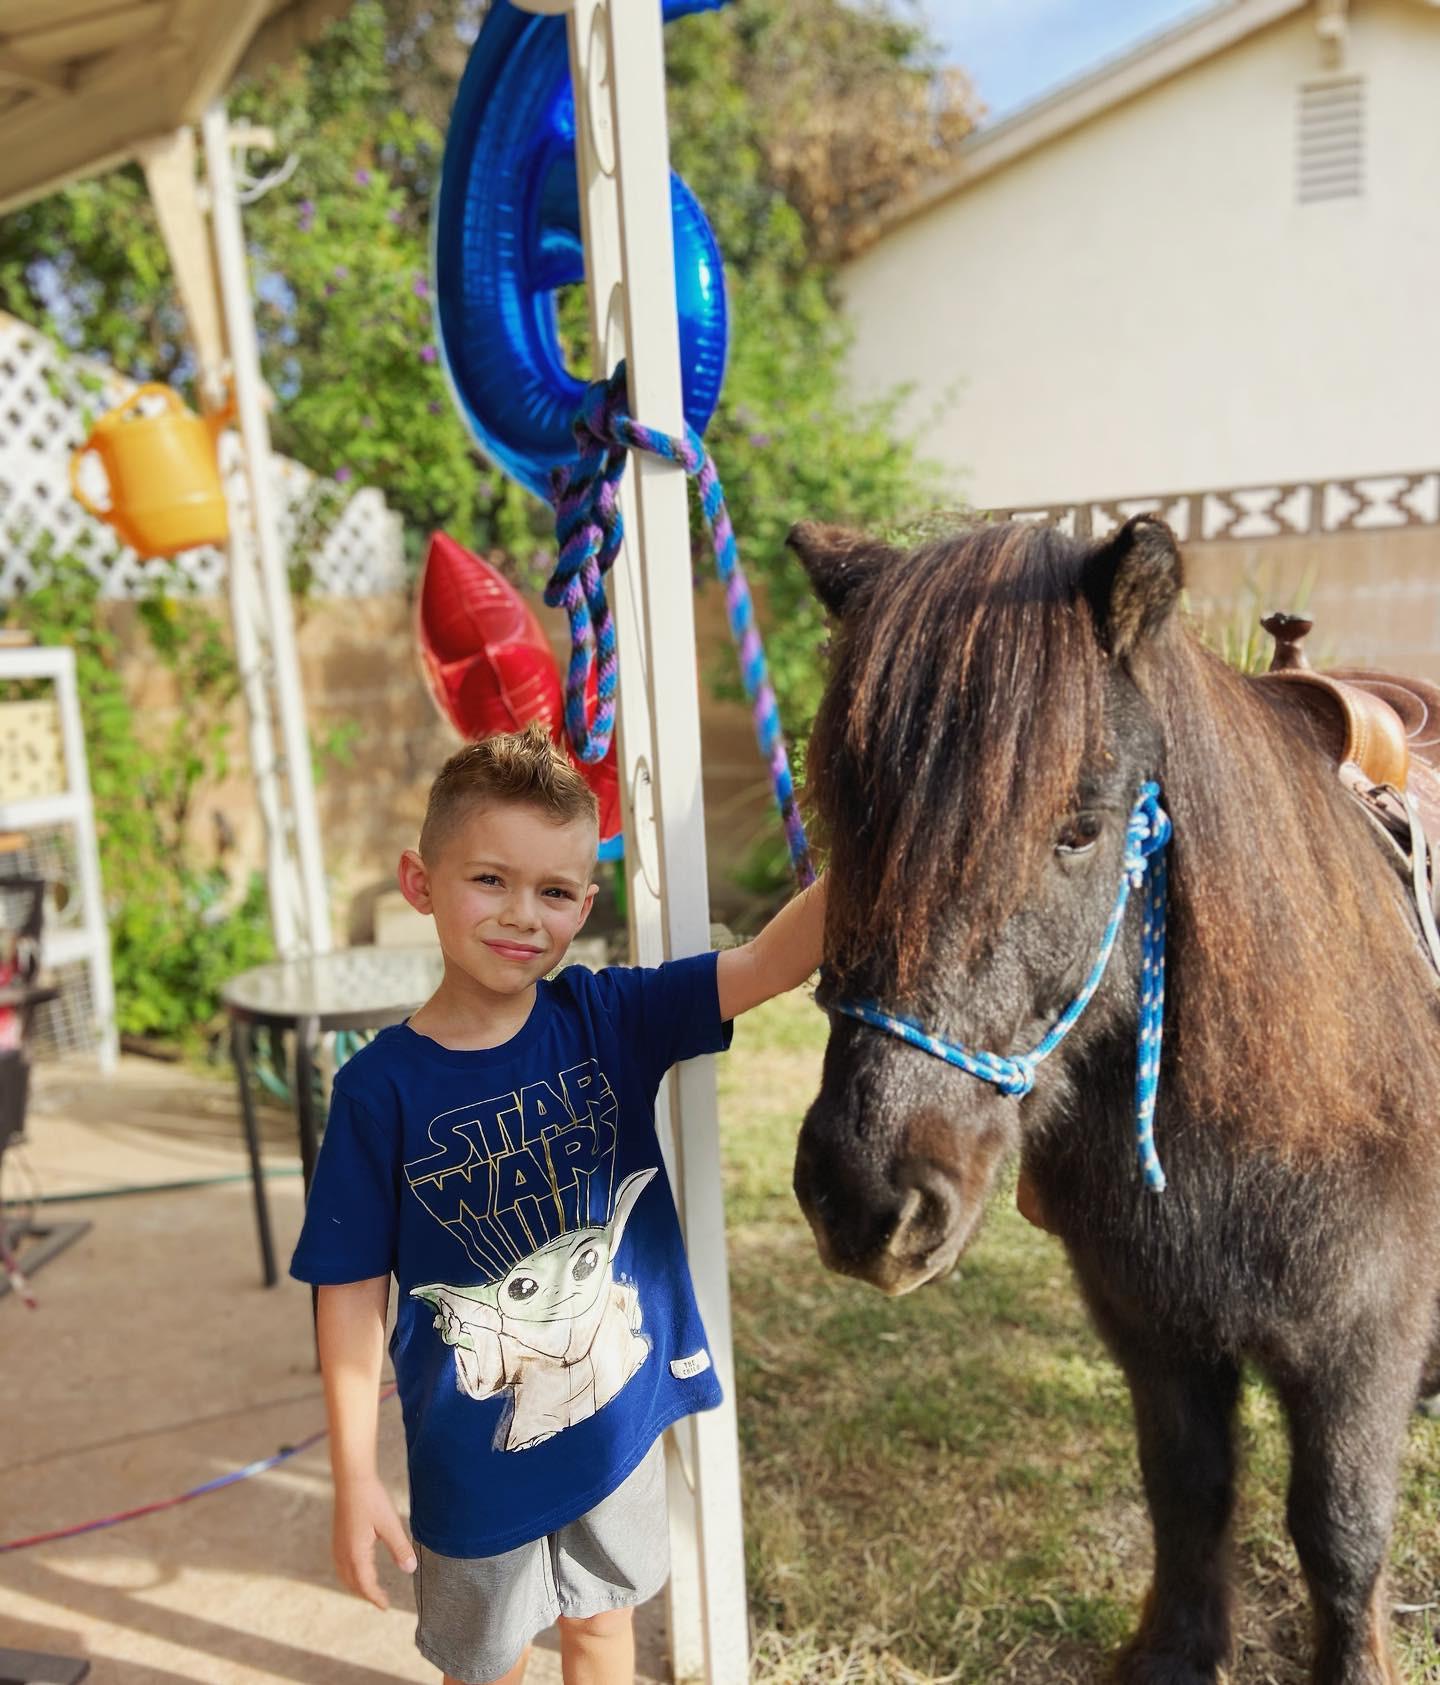 Pony Ride - 2 Ponies